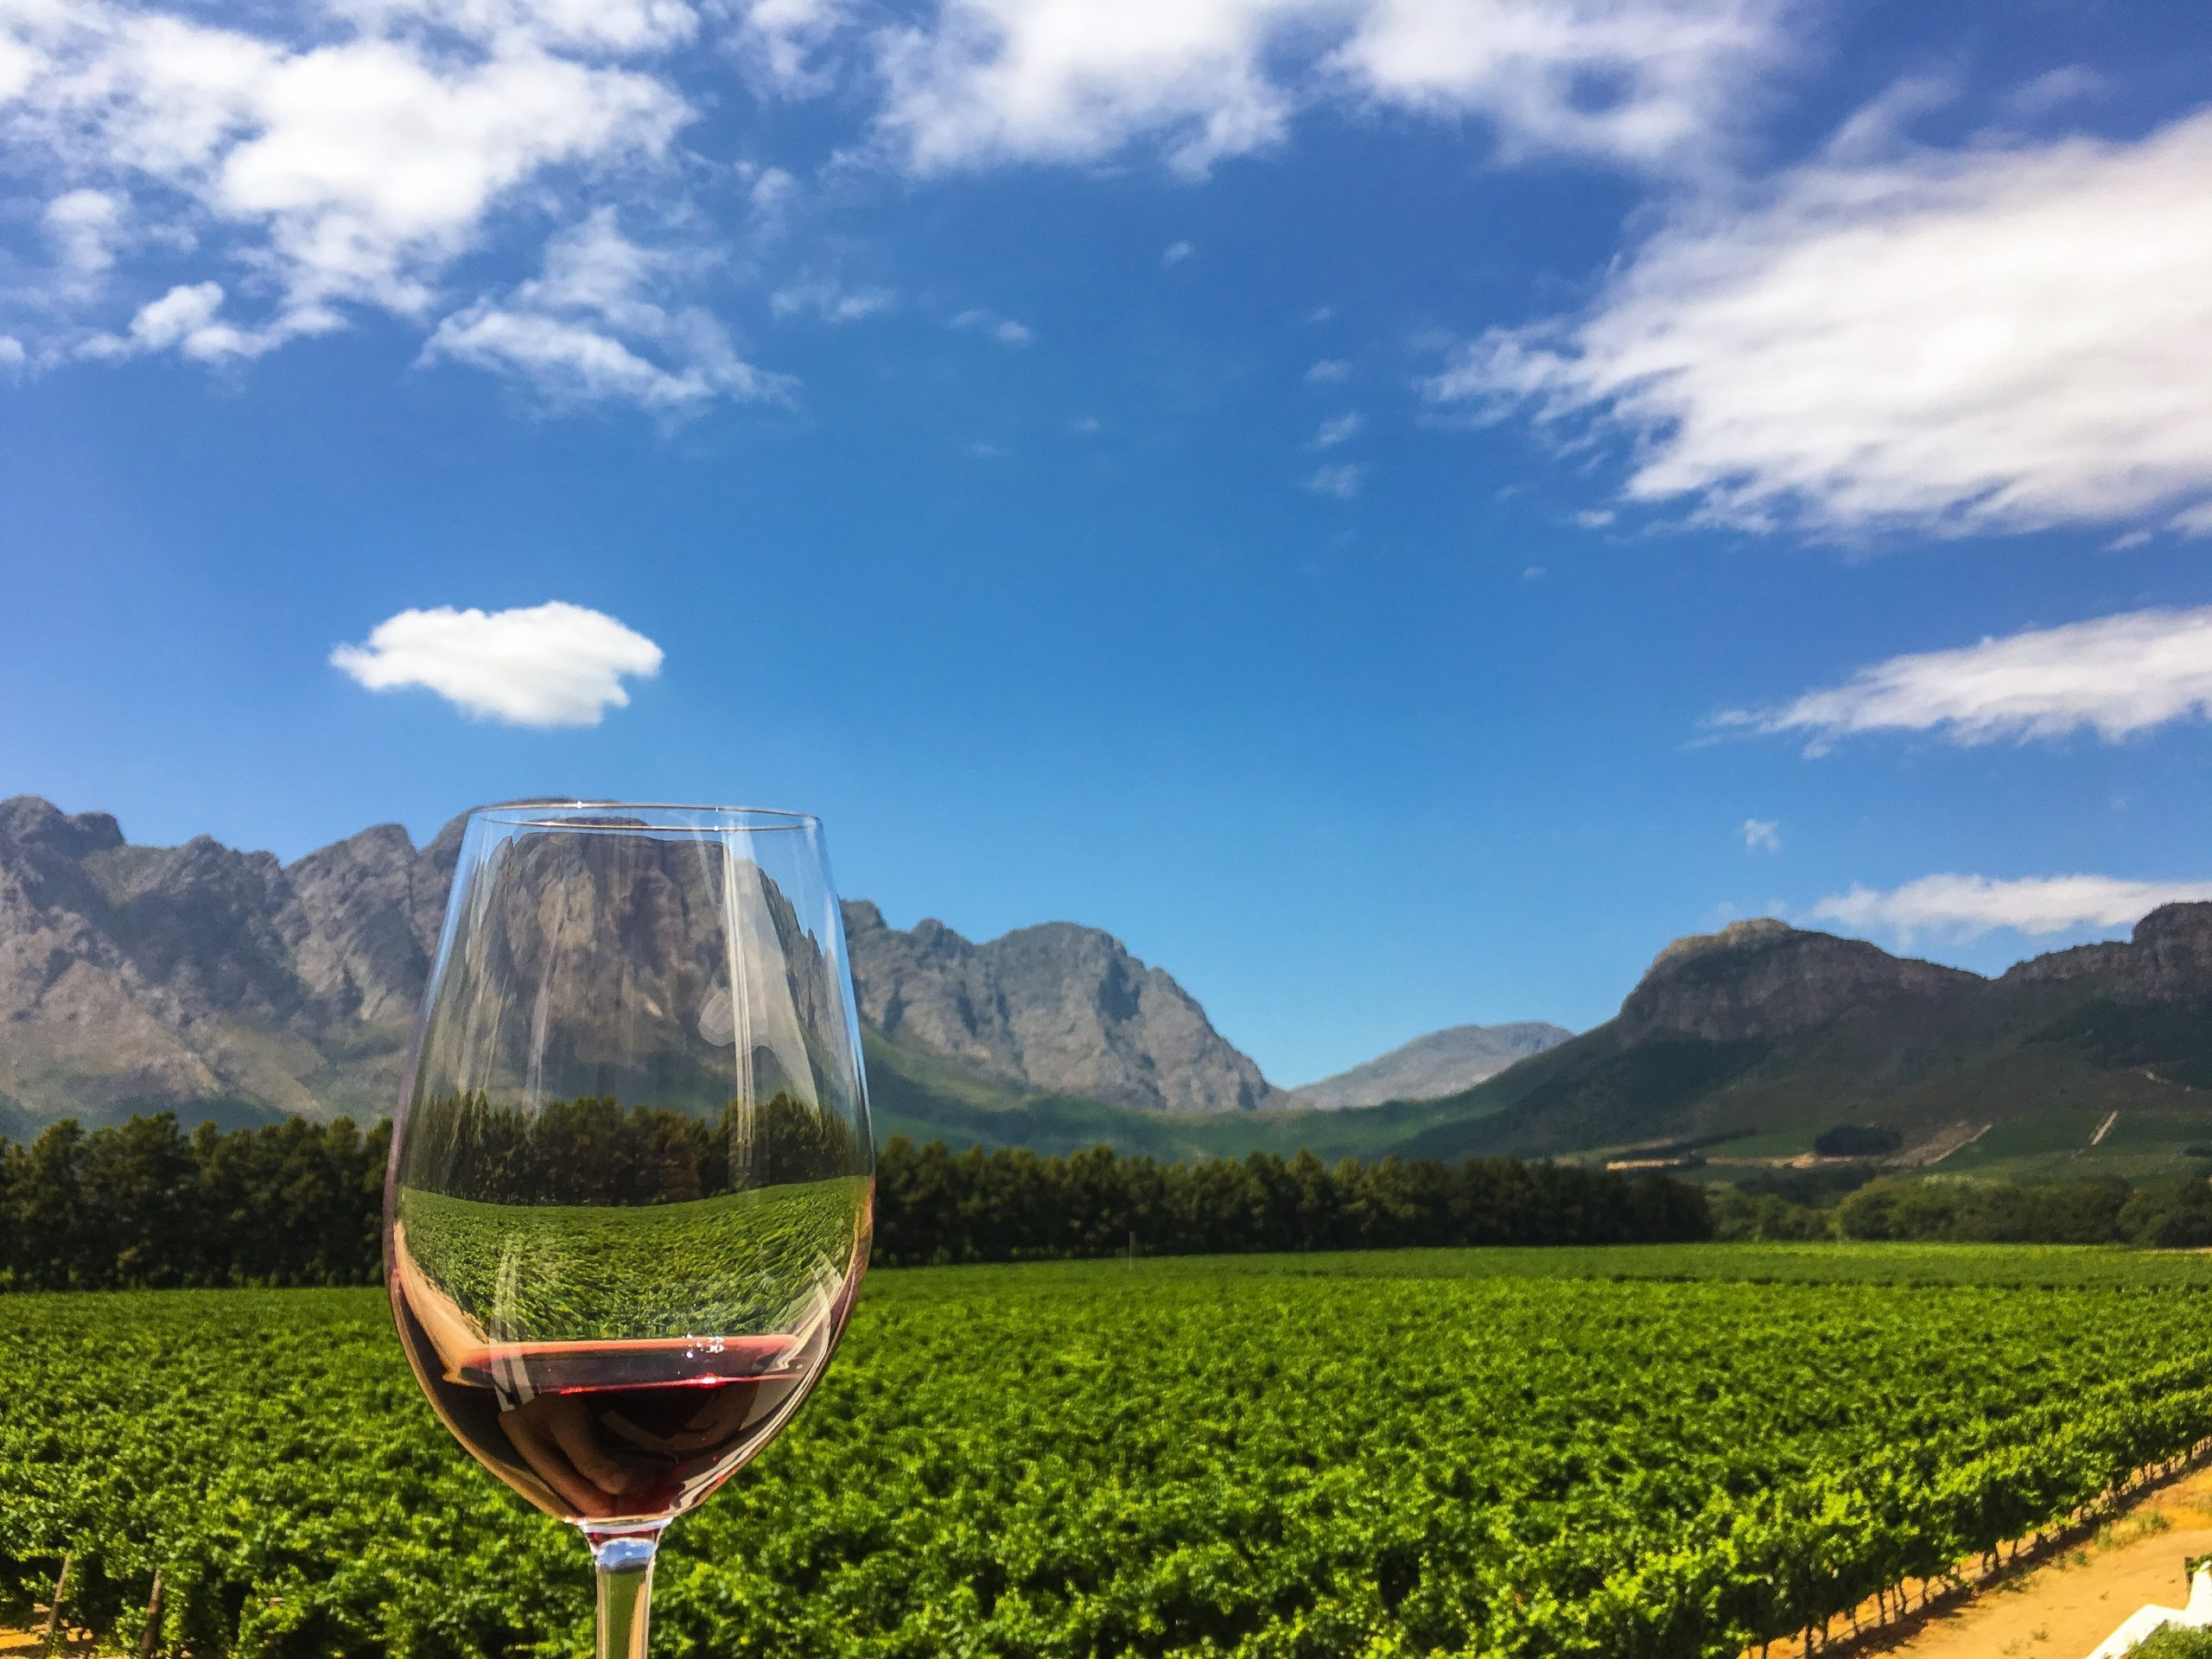 Winelands wine glass overlooking the vineyard